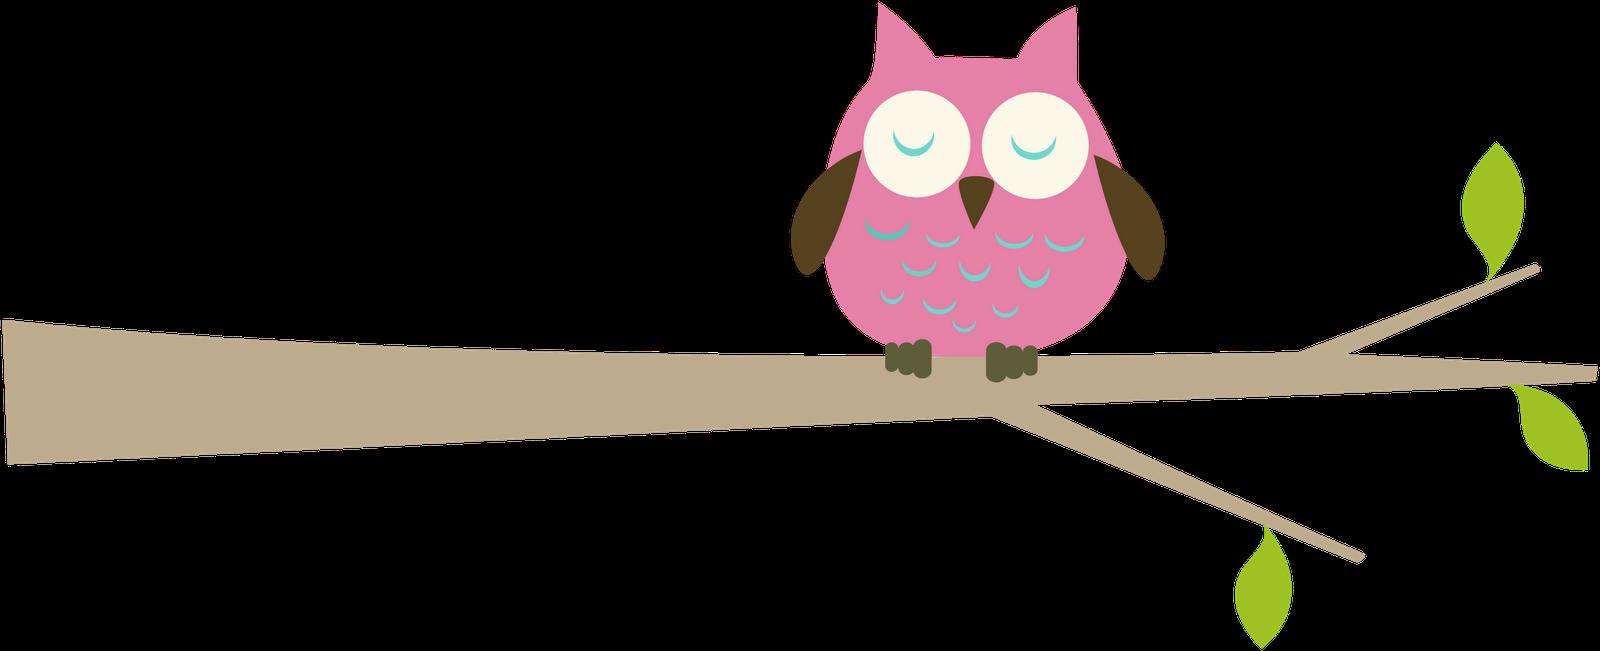 Borders clip art cliparts. Clipart football owl